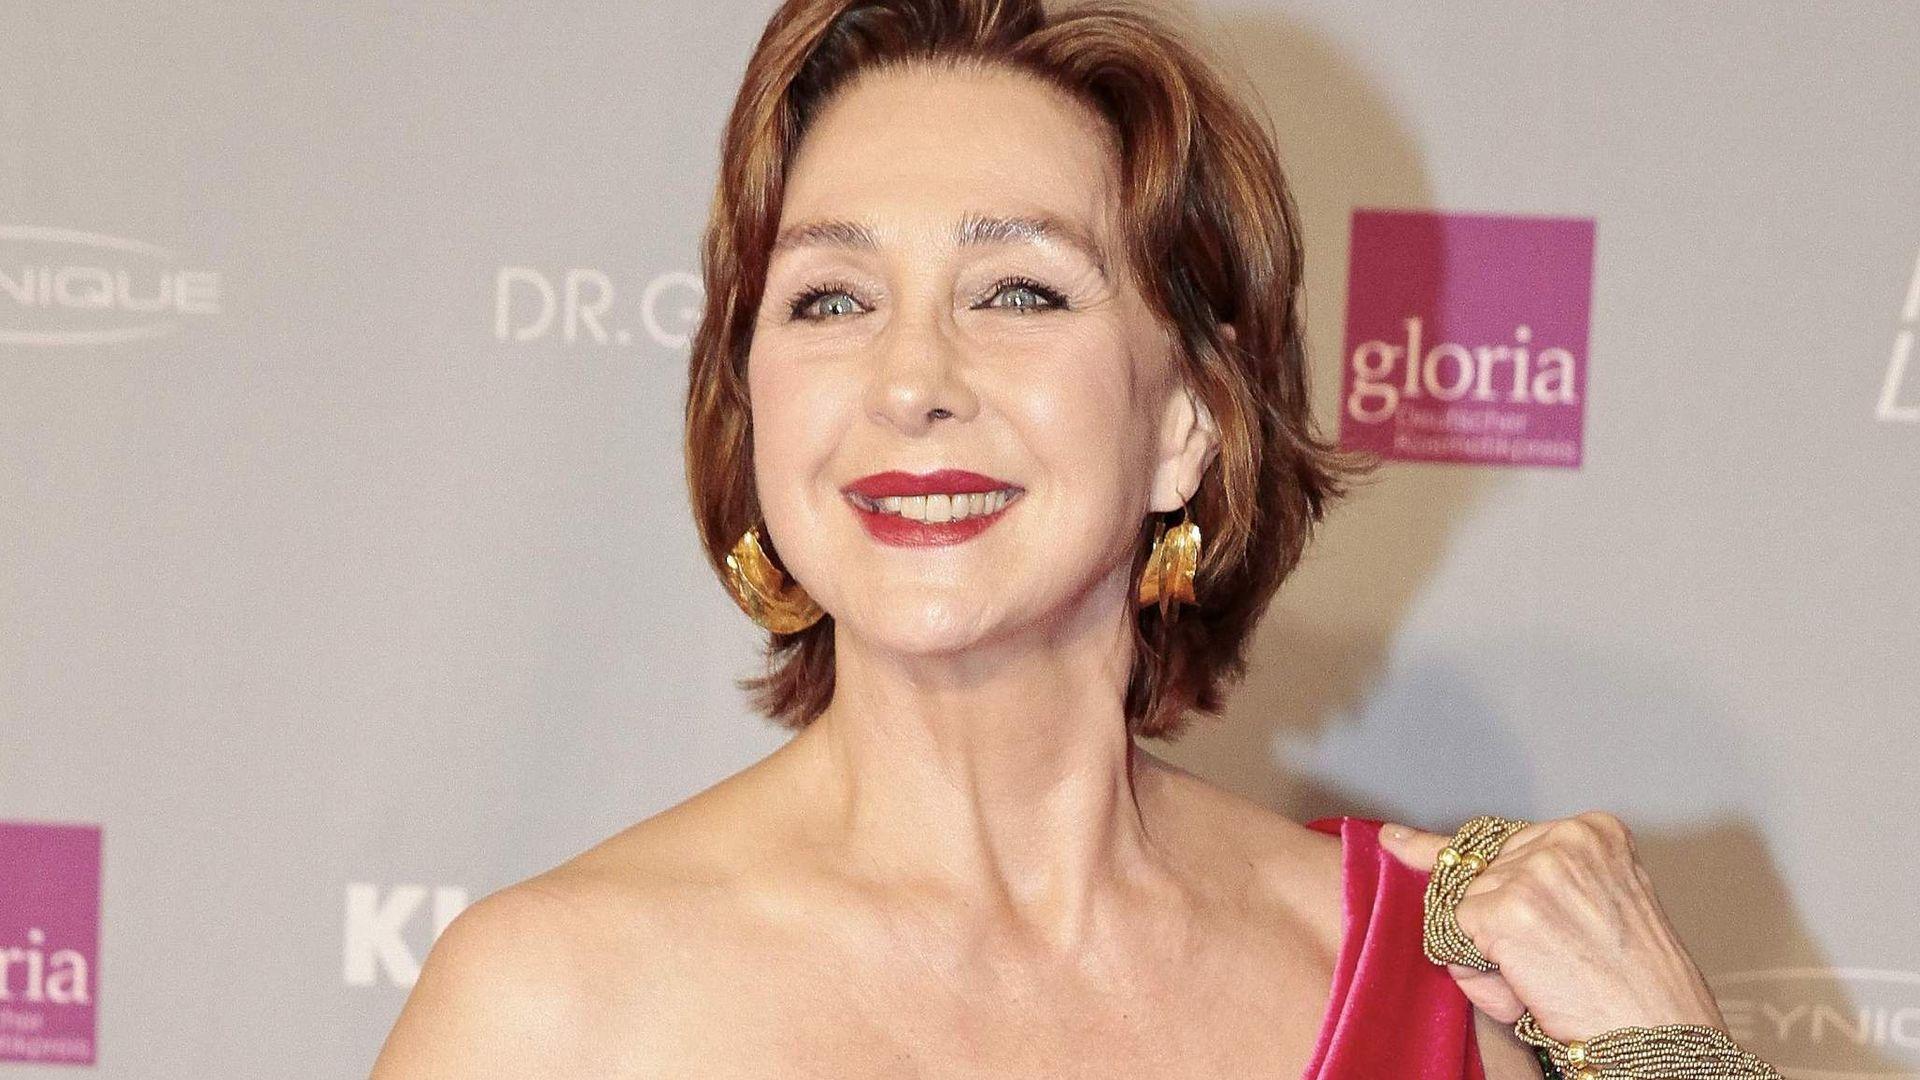 Christine Kaufmann: Schamhaare gehören zur Frau!   Promiflash.de